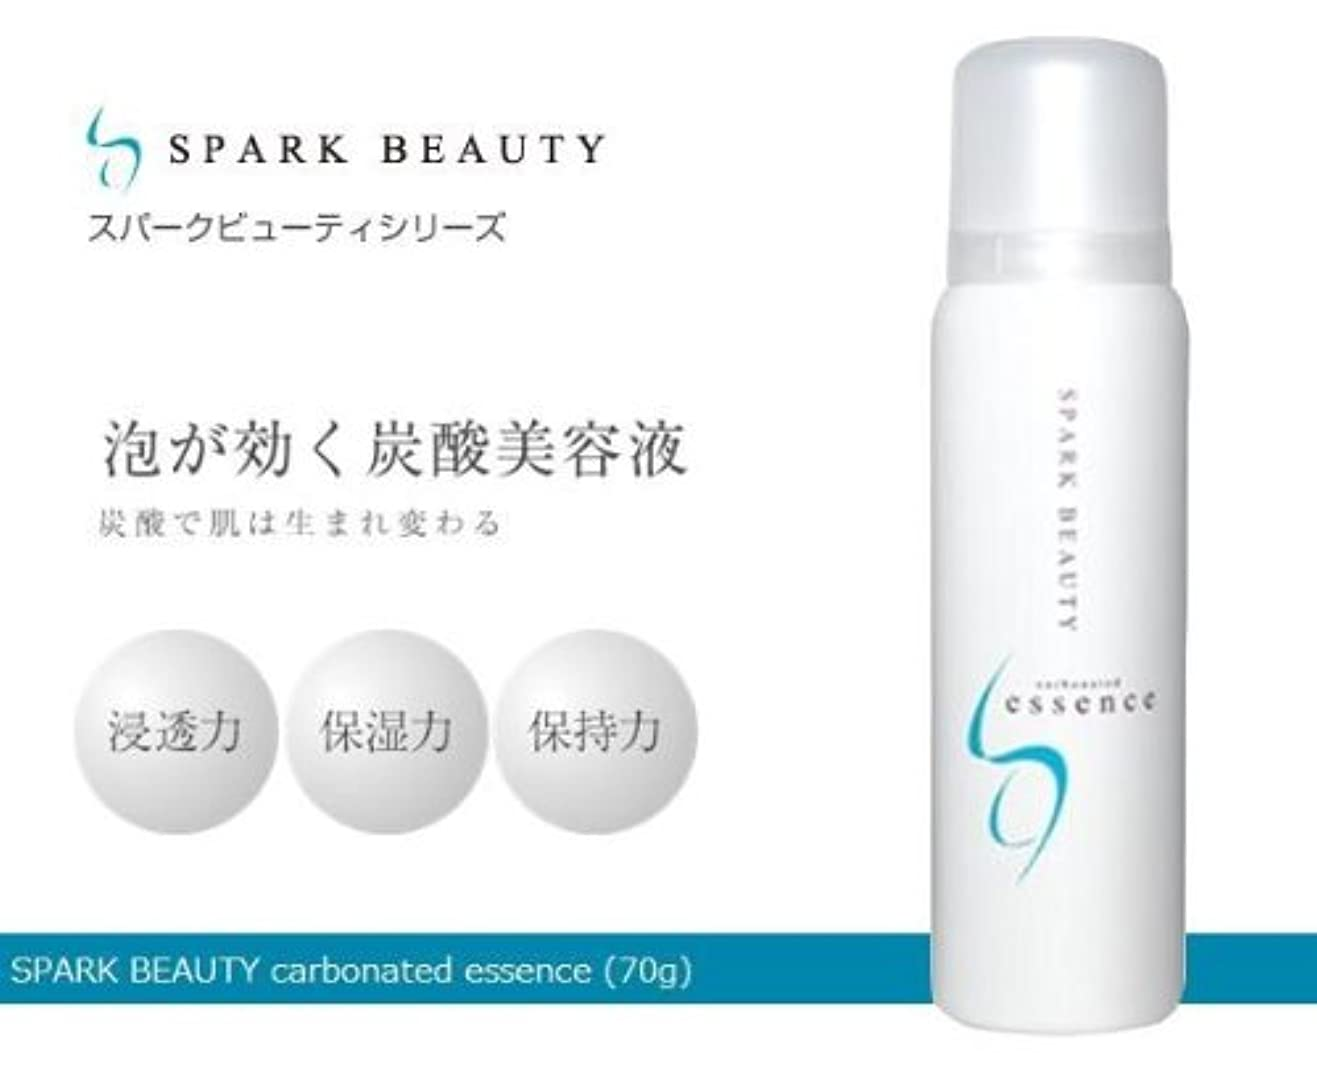 ベット回復クッションSPARK BEAUTY スパークビューティー 炭酸美容液 70g